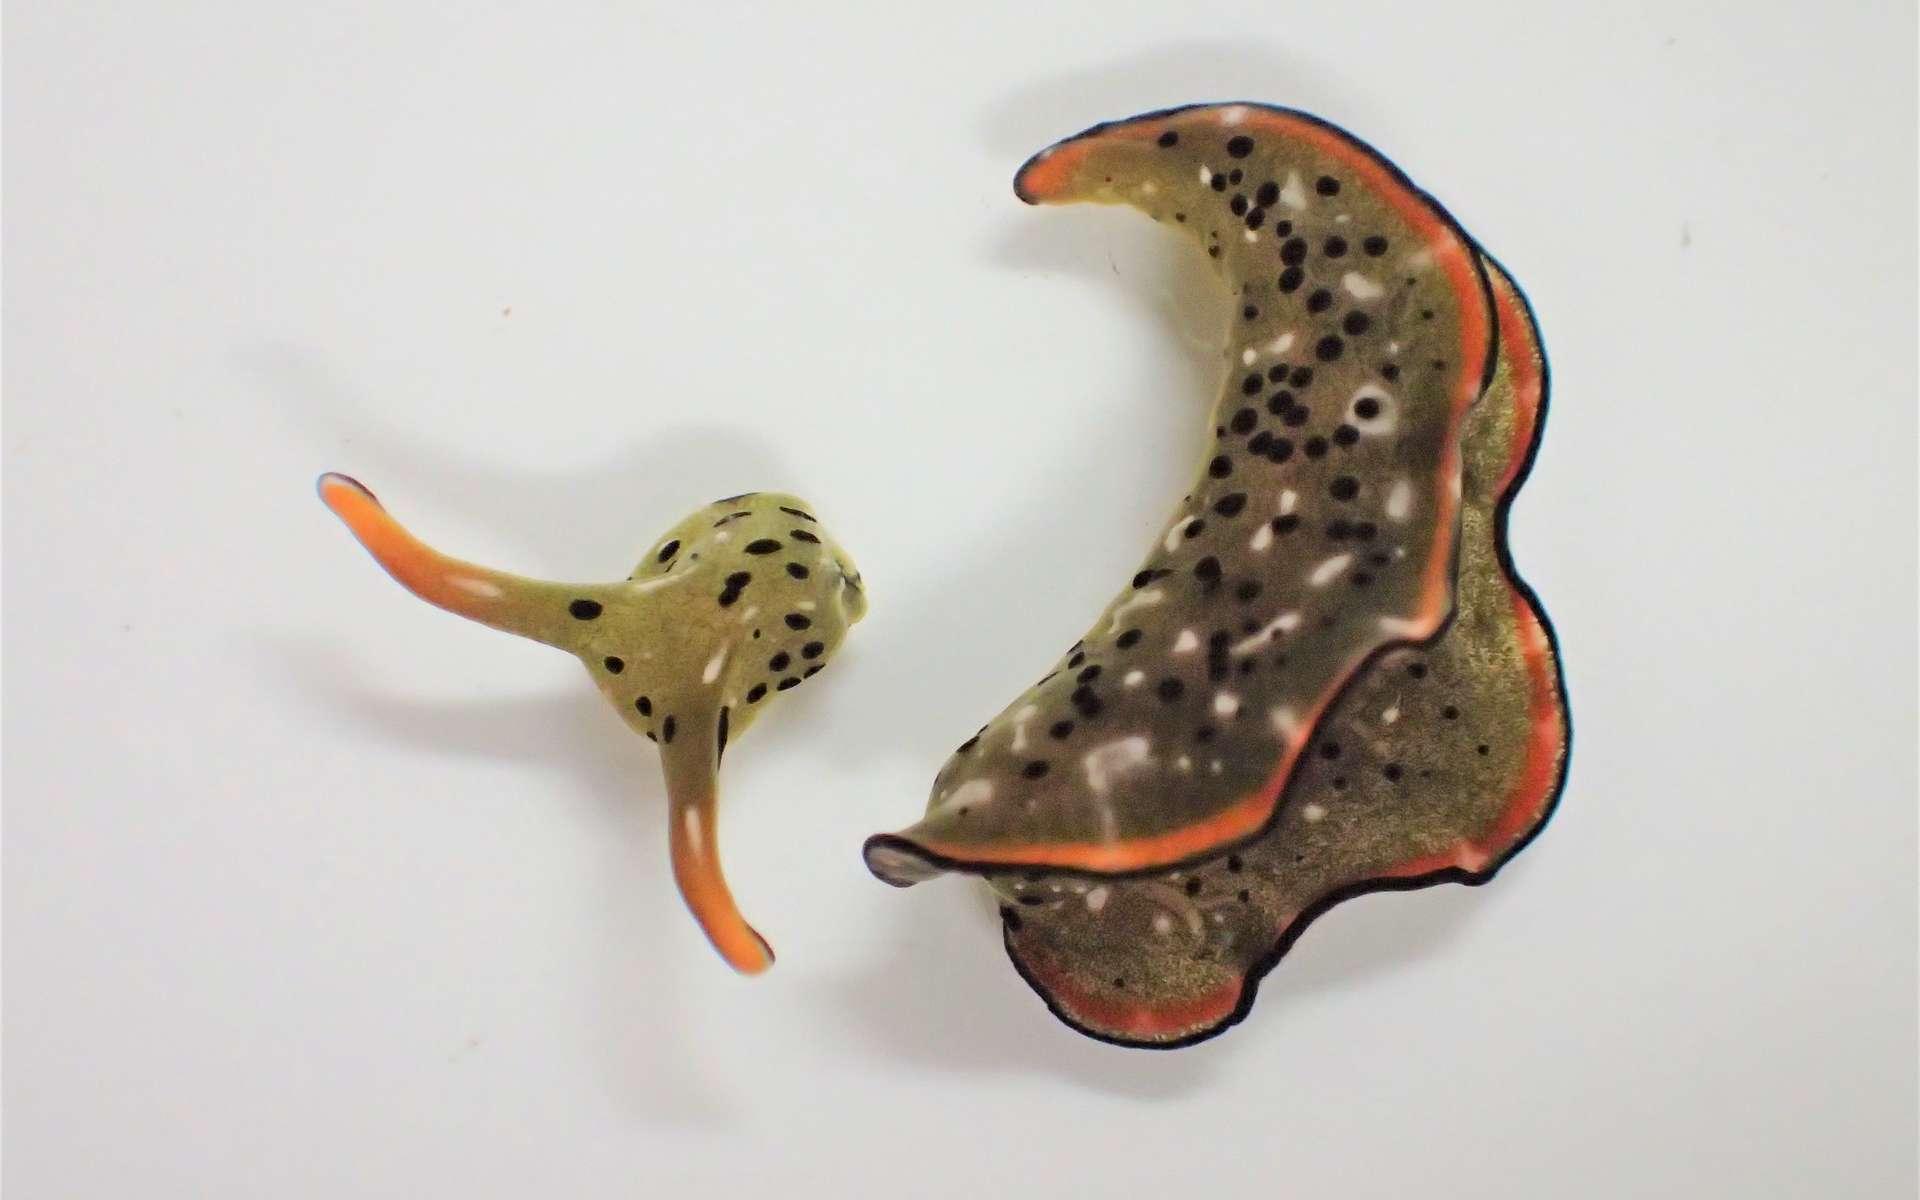 La limace de mer Elysia marginata, un jour après l'autotomie de son corps. © Sayaka Mitoh